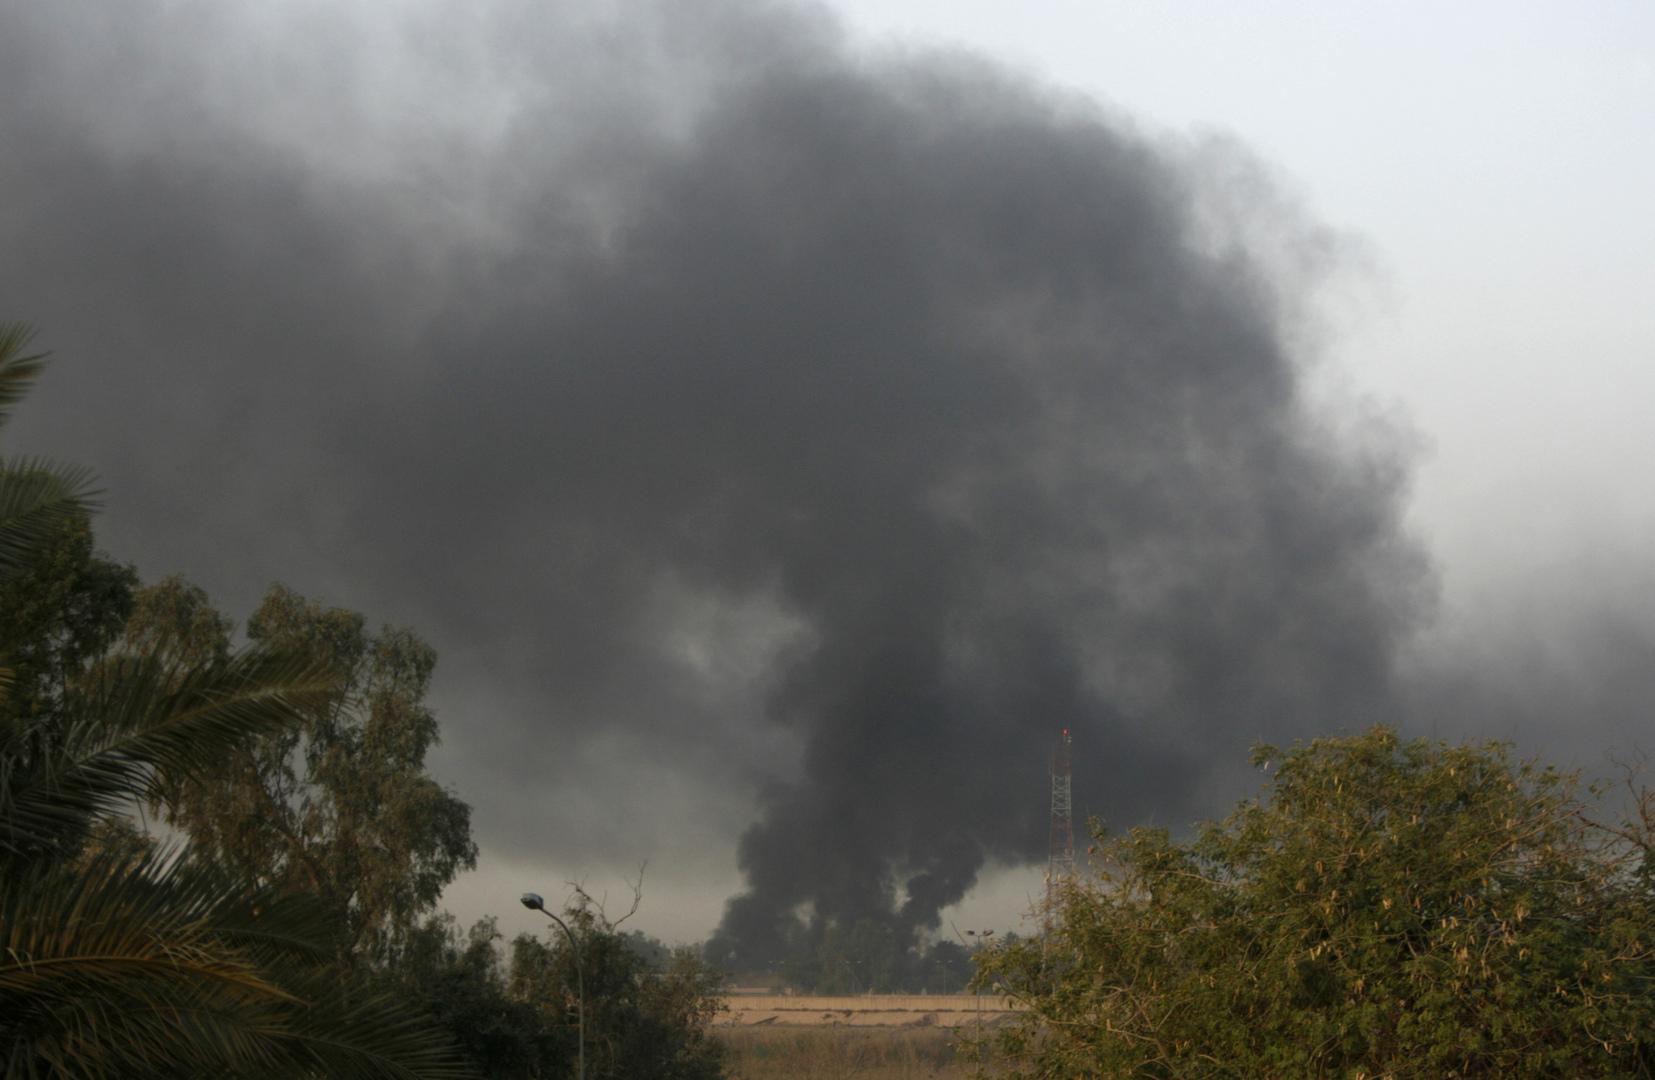 دخان يتصاعد من موقع سقوط صاروخ في المنطقة الخضراء بالعاصمة العراقية بغداد (أرشيف)